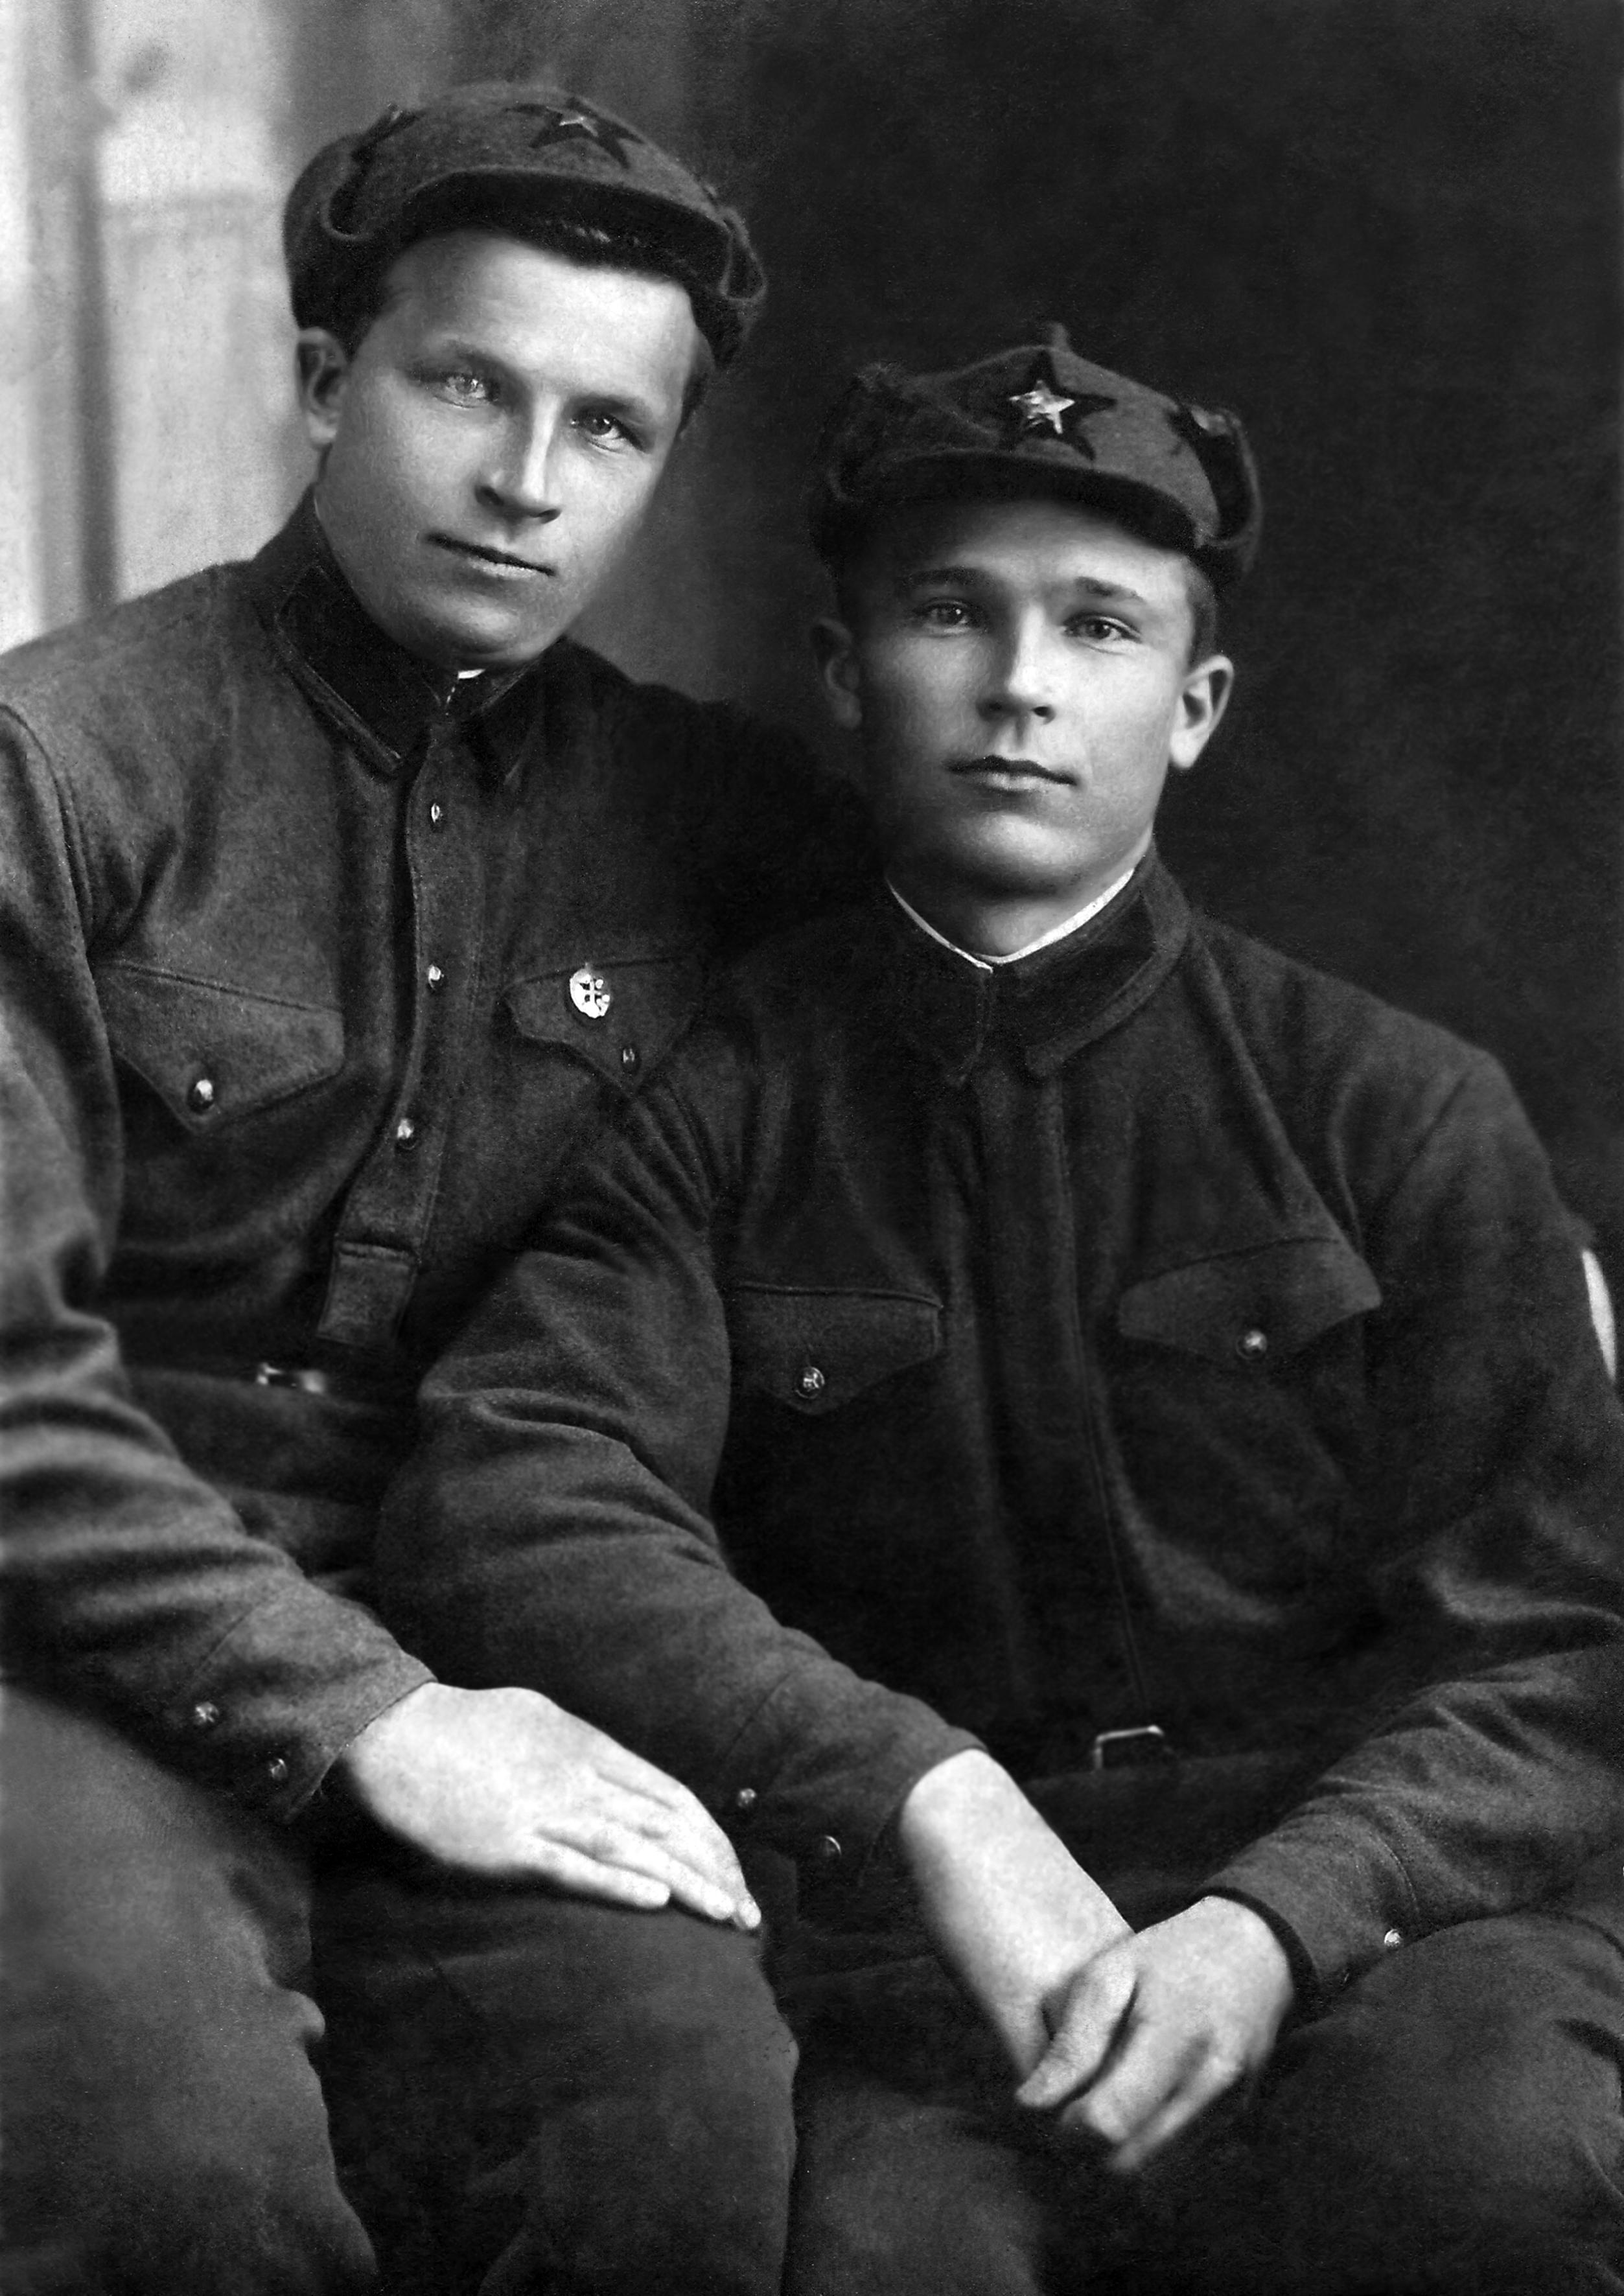 24-marta-1936-goda-bratya-pashhenko-petr-i-pavel-g-voroshilov.jpg